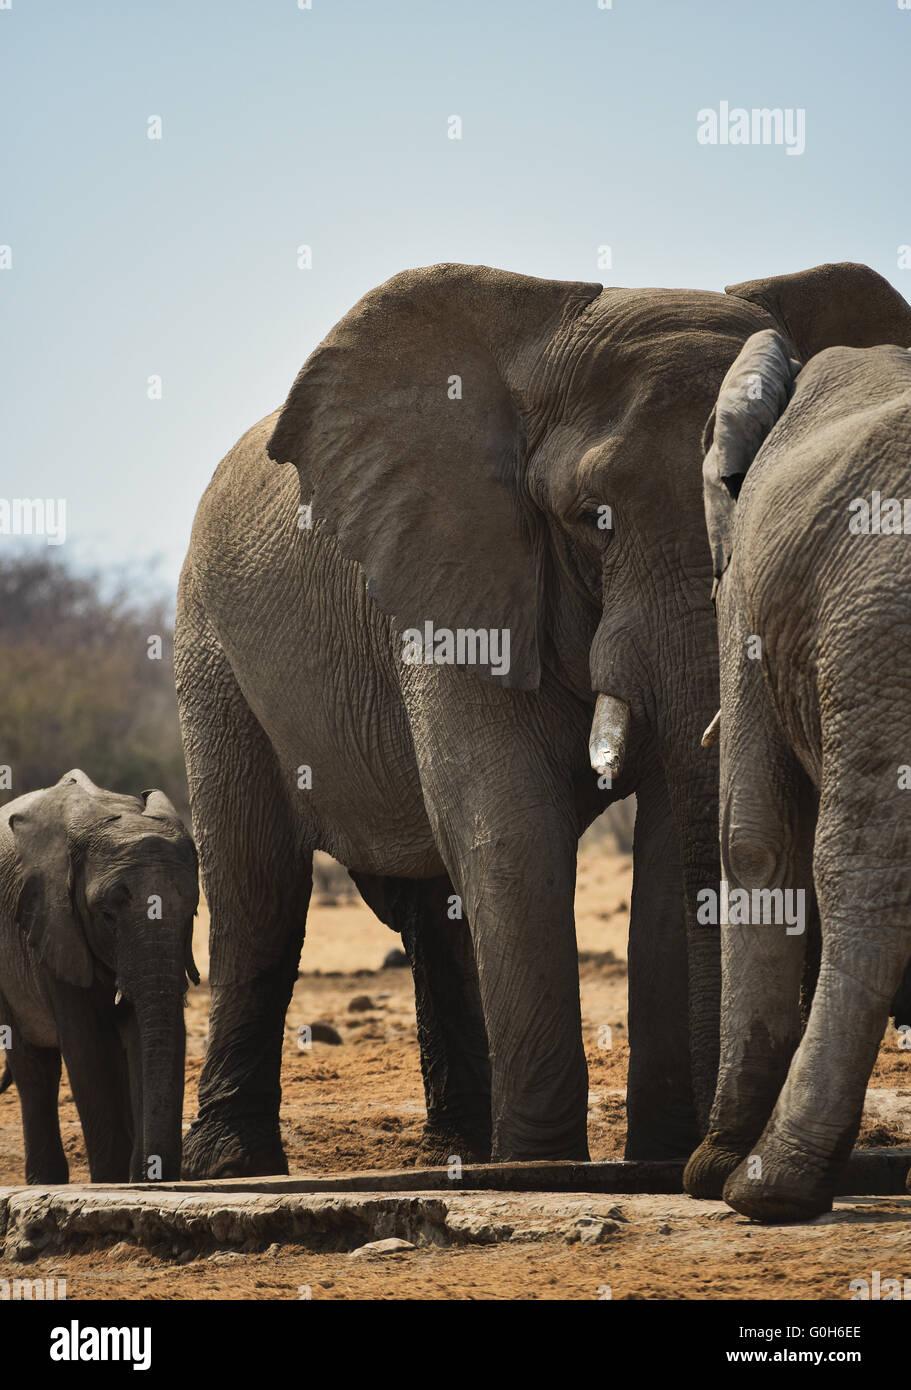 Herd of elephants - Stock Image